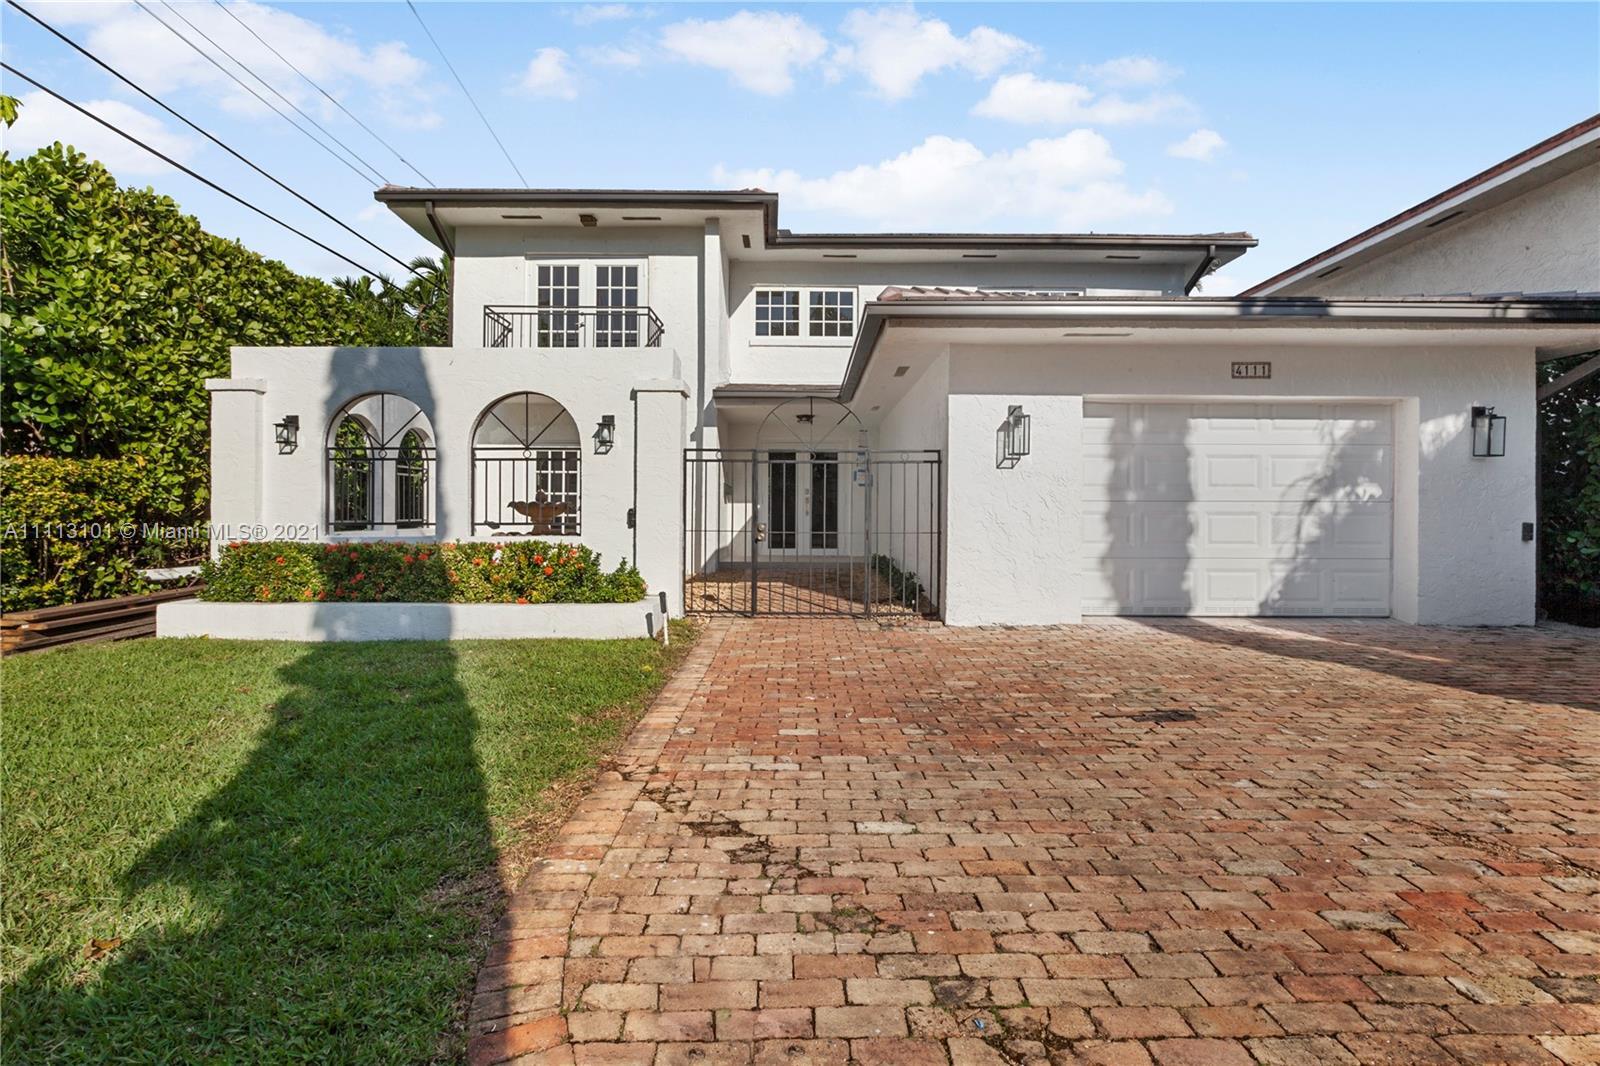 Single Family Home For Sale C GAB COUNTRY CLUB SEC 52,860 Sqft